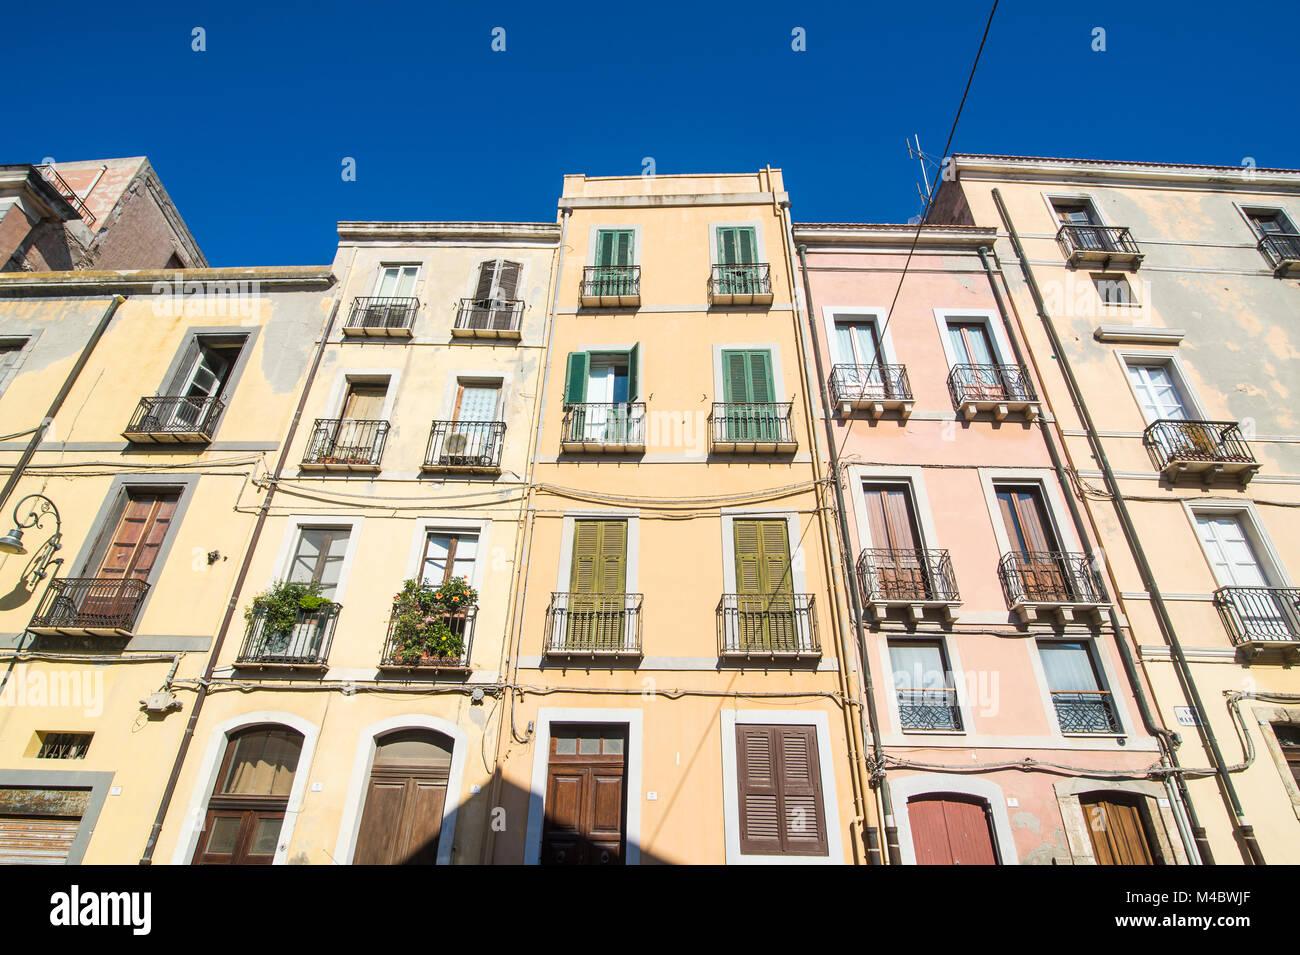 De vieilles maisons dans la vieille ville de Cagliari, Sardaigne, Italie Photo Stock